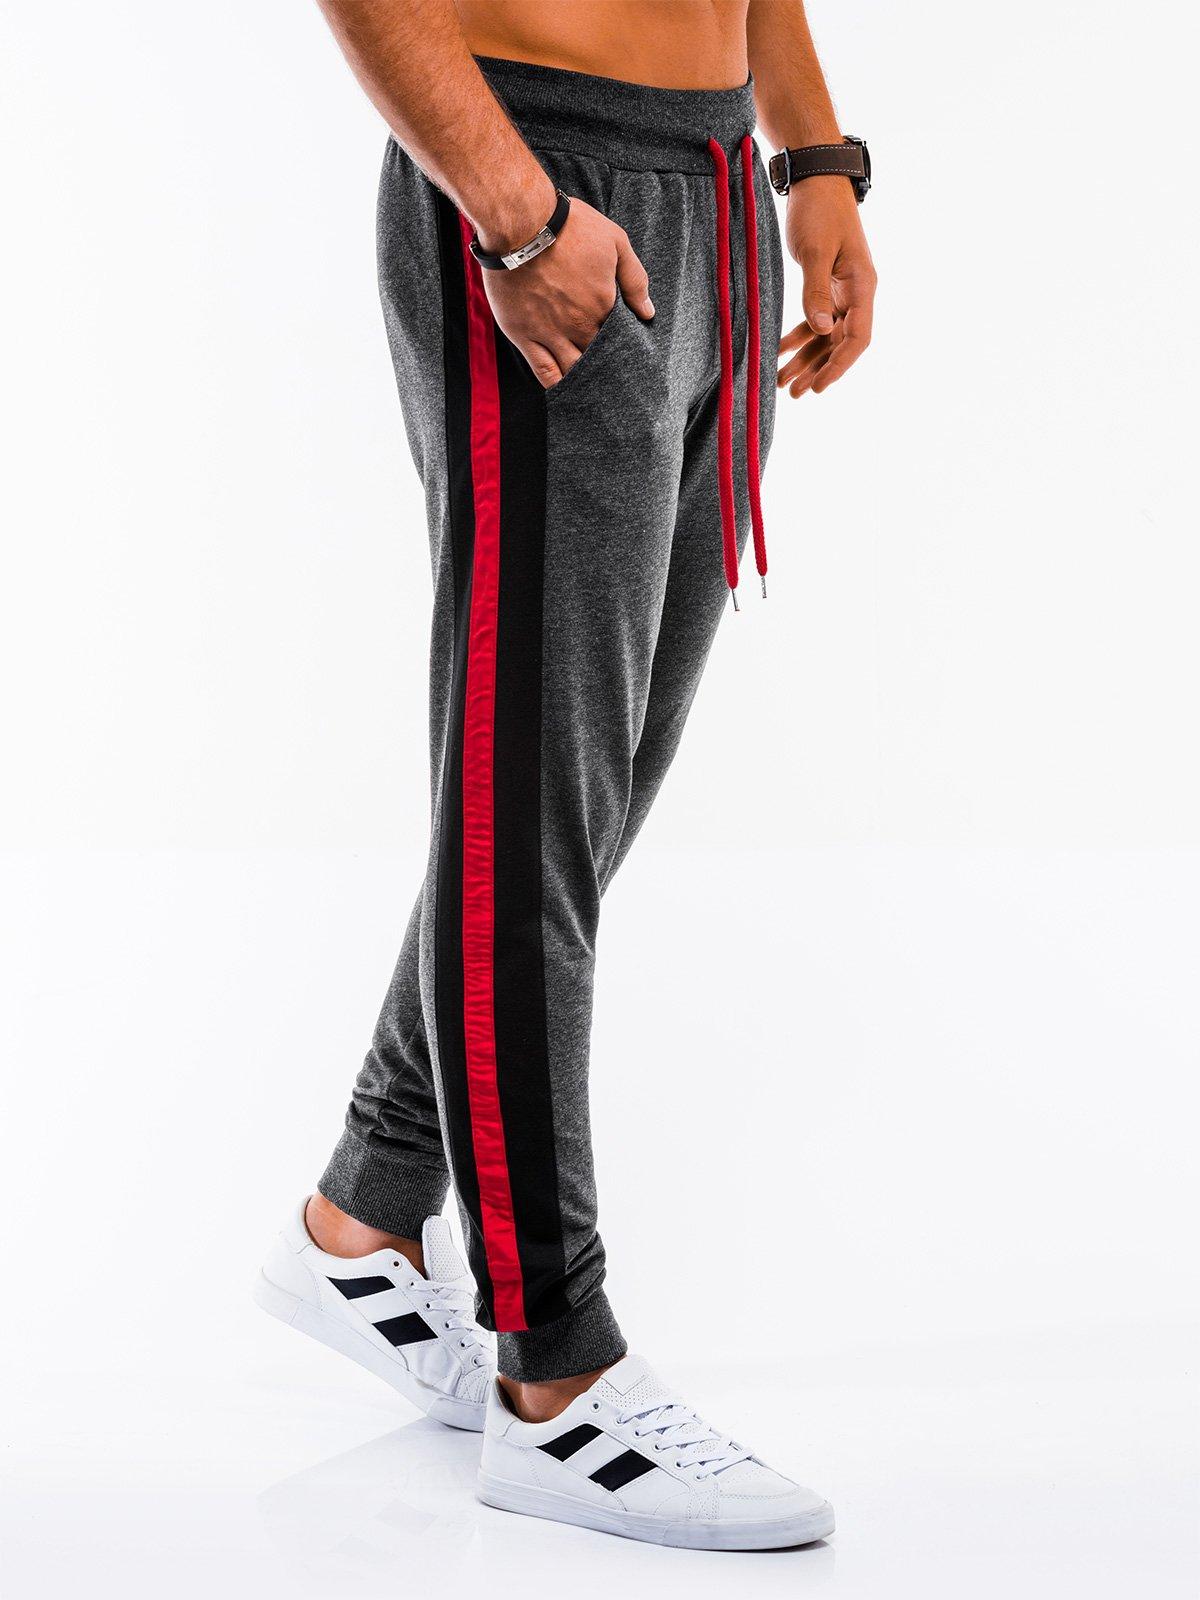 Spodnie męskie dresowe P715 - grafitowe